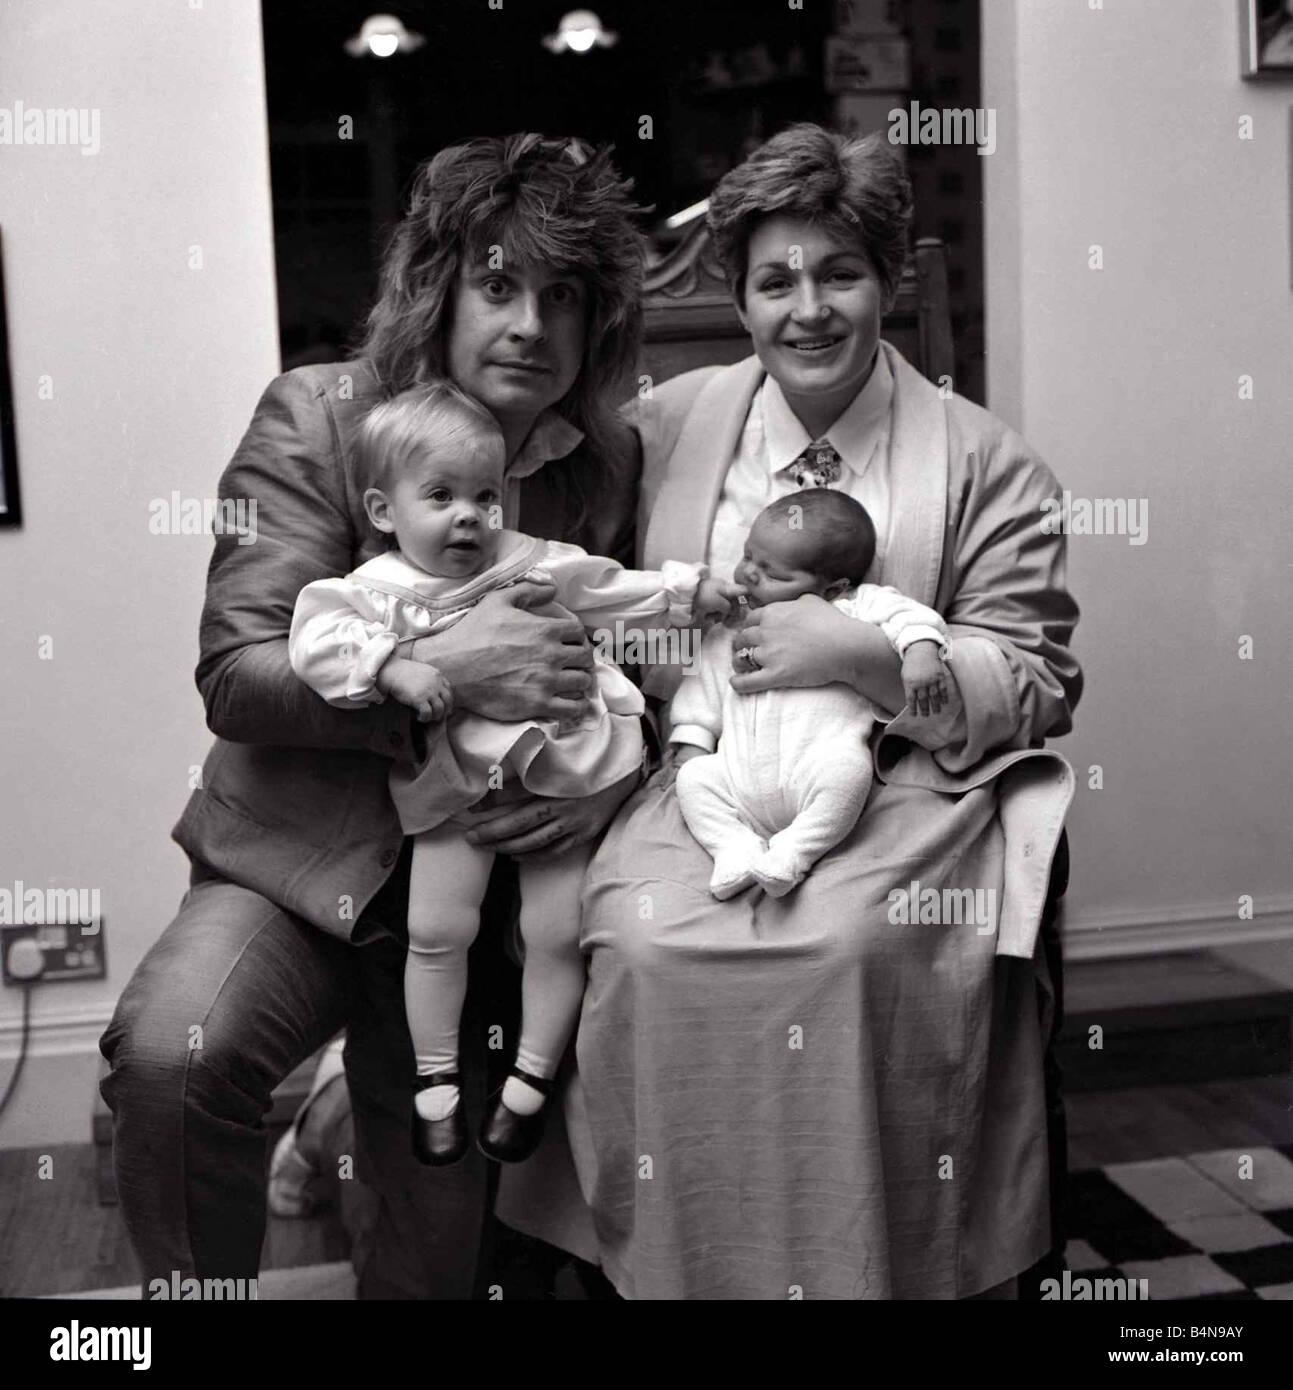 Sharon osbourne 1980s